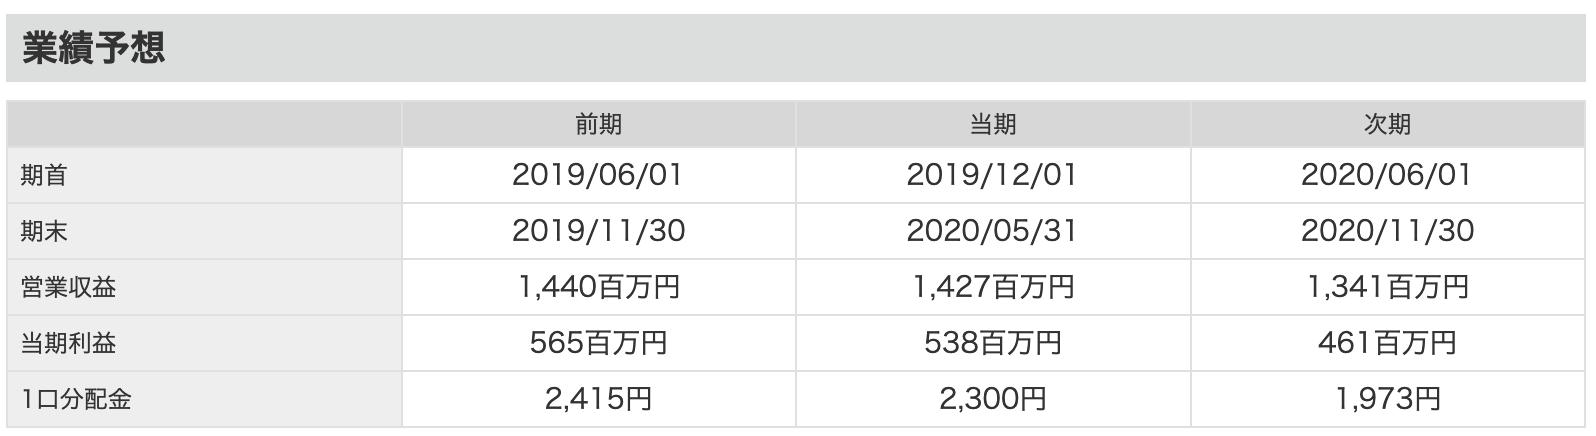 大江戸温泉リートの業績予想、分配金(配当)